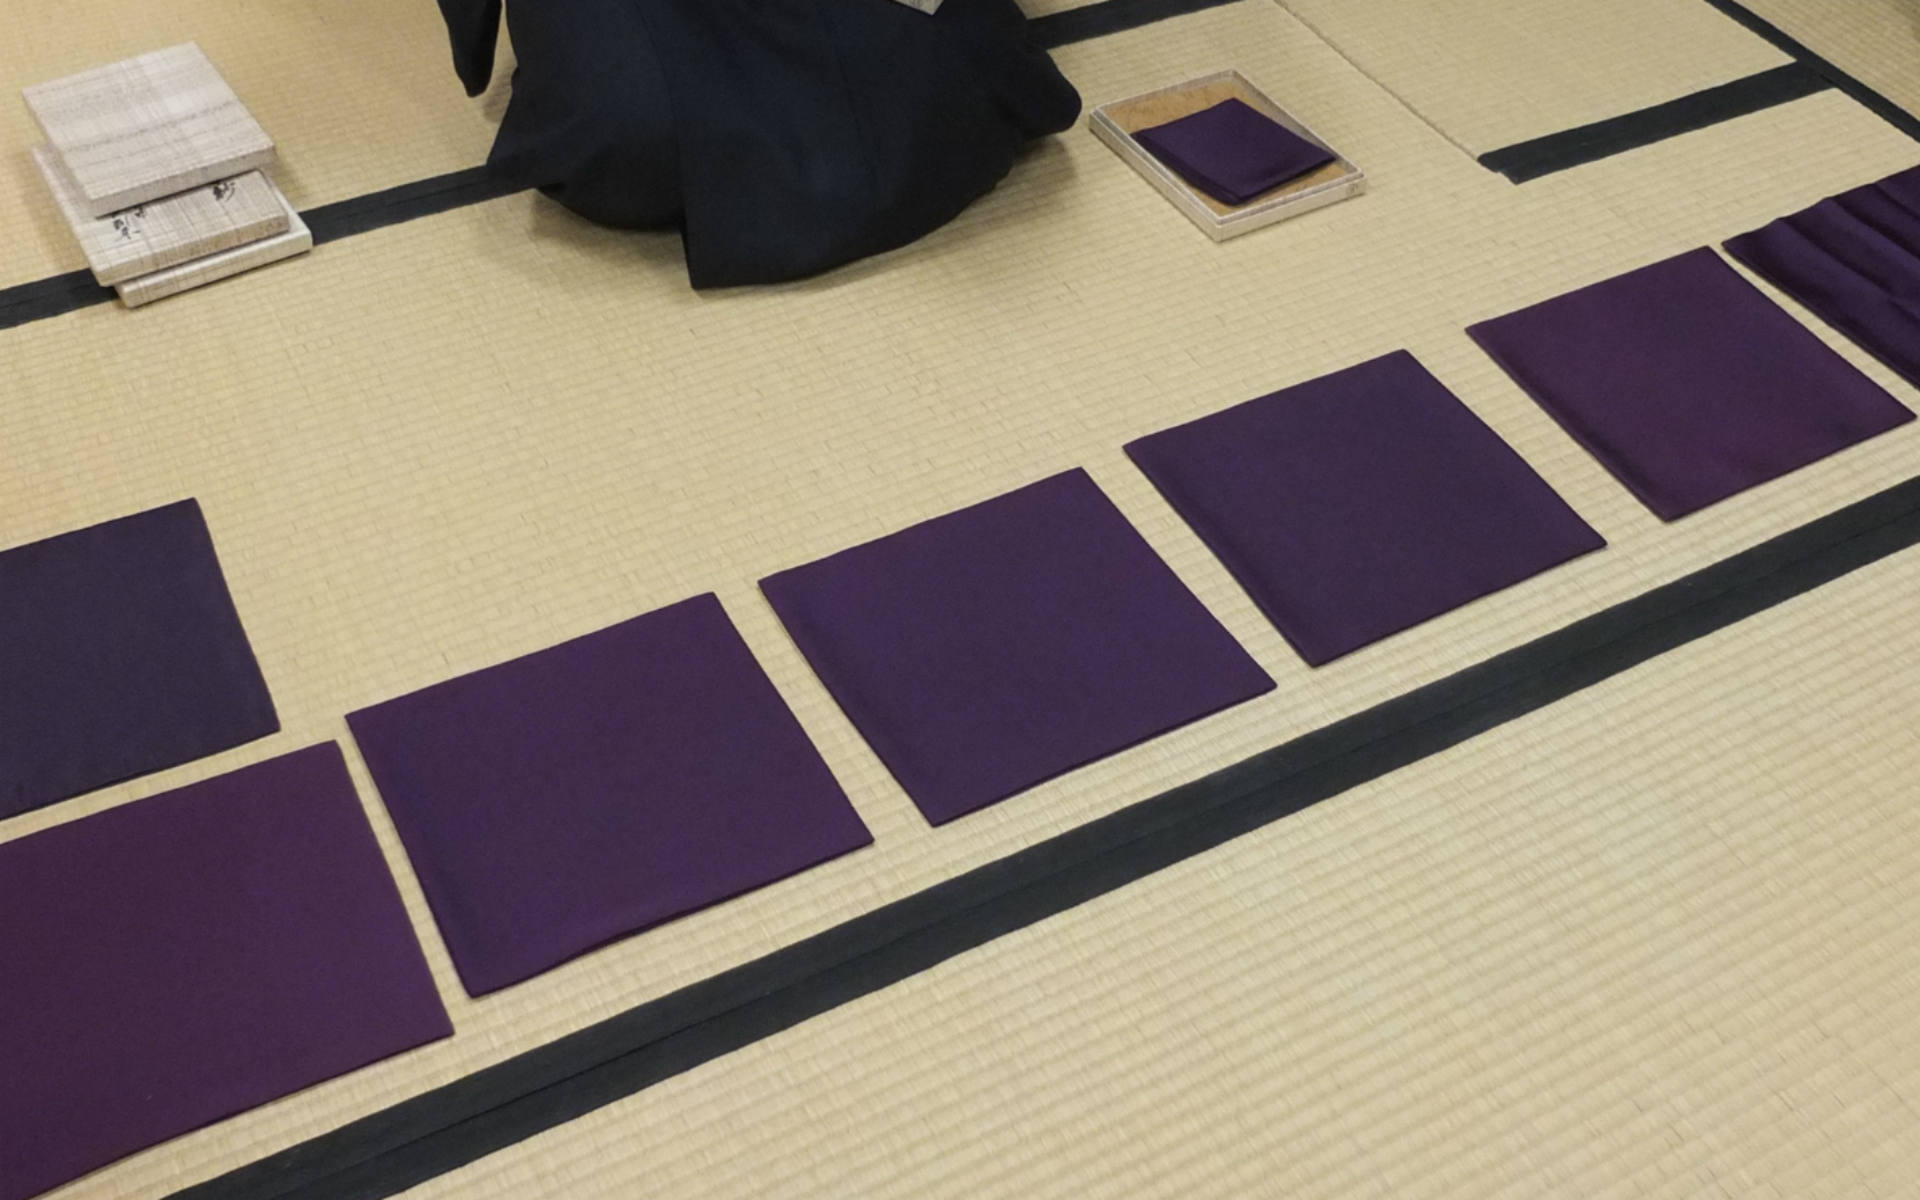 棗や茶杓を清める帛紗は、たださばき方を習うのではなく、正方形でないその形の理由まで教わりました